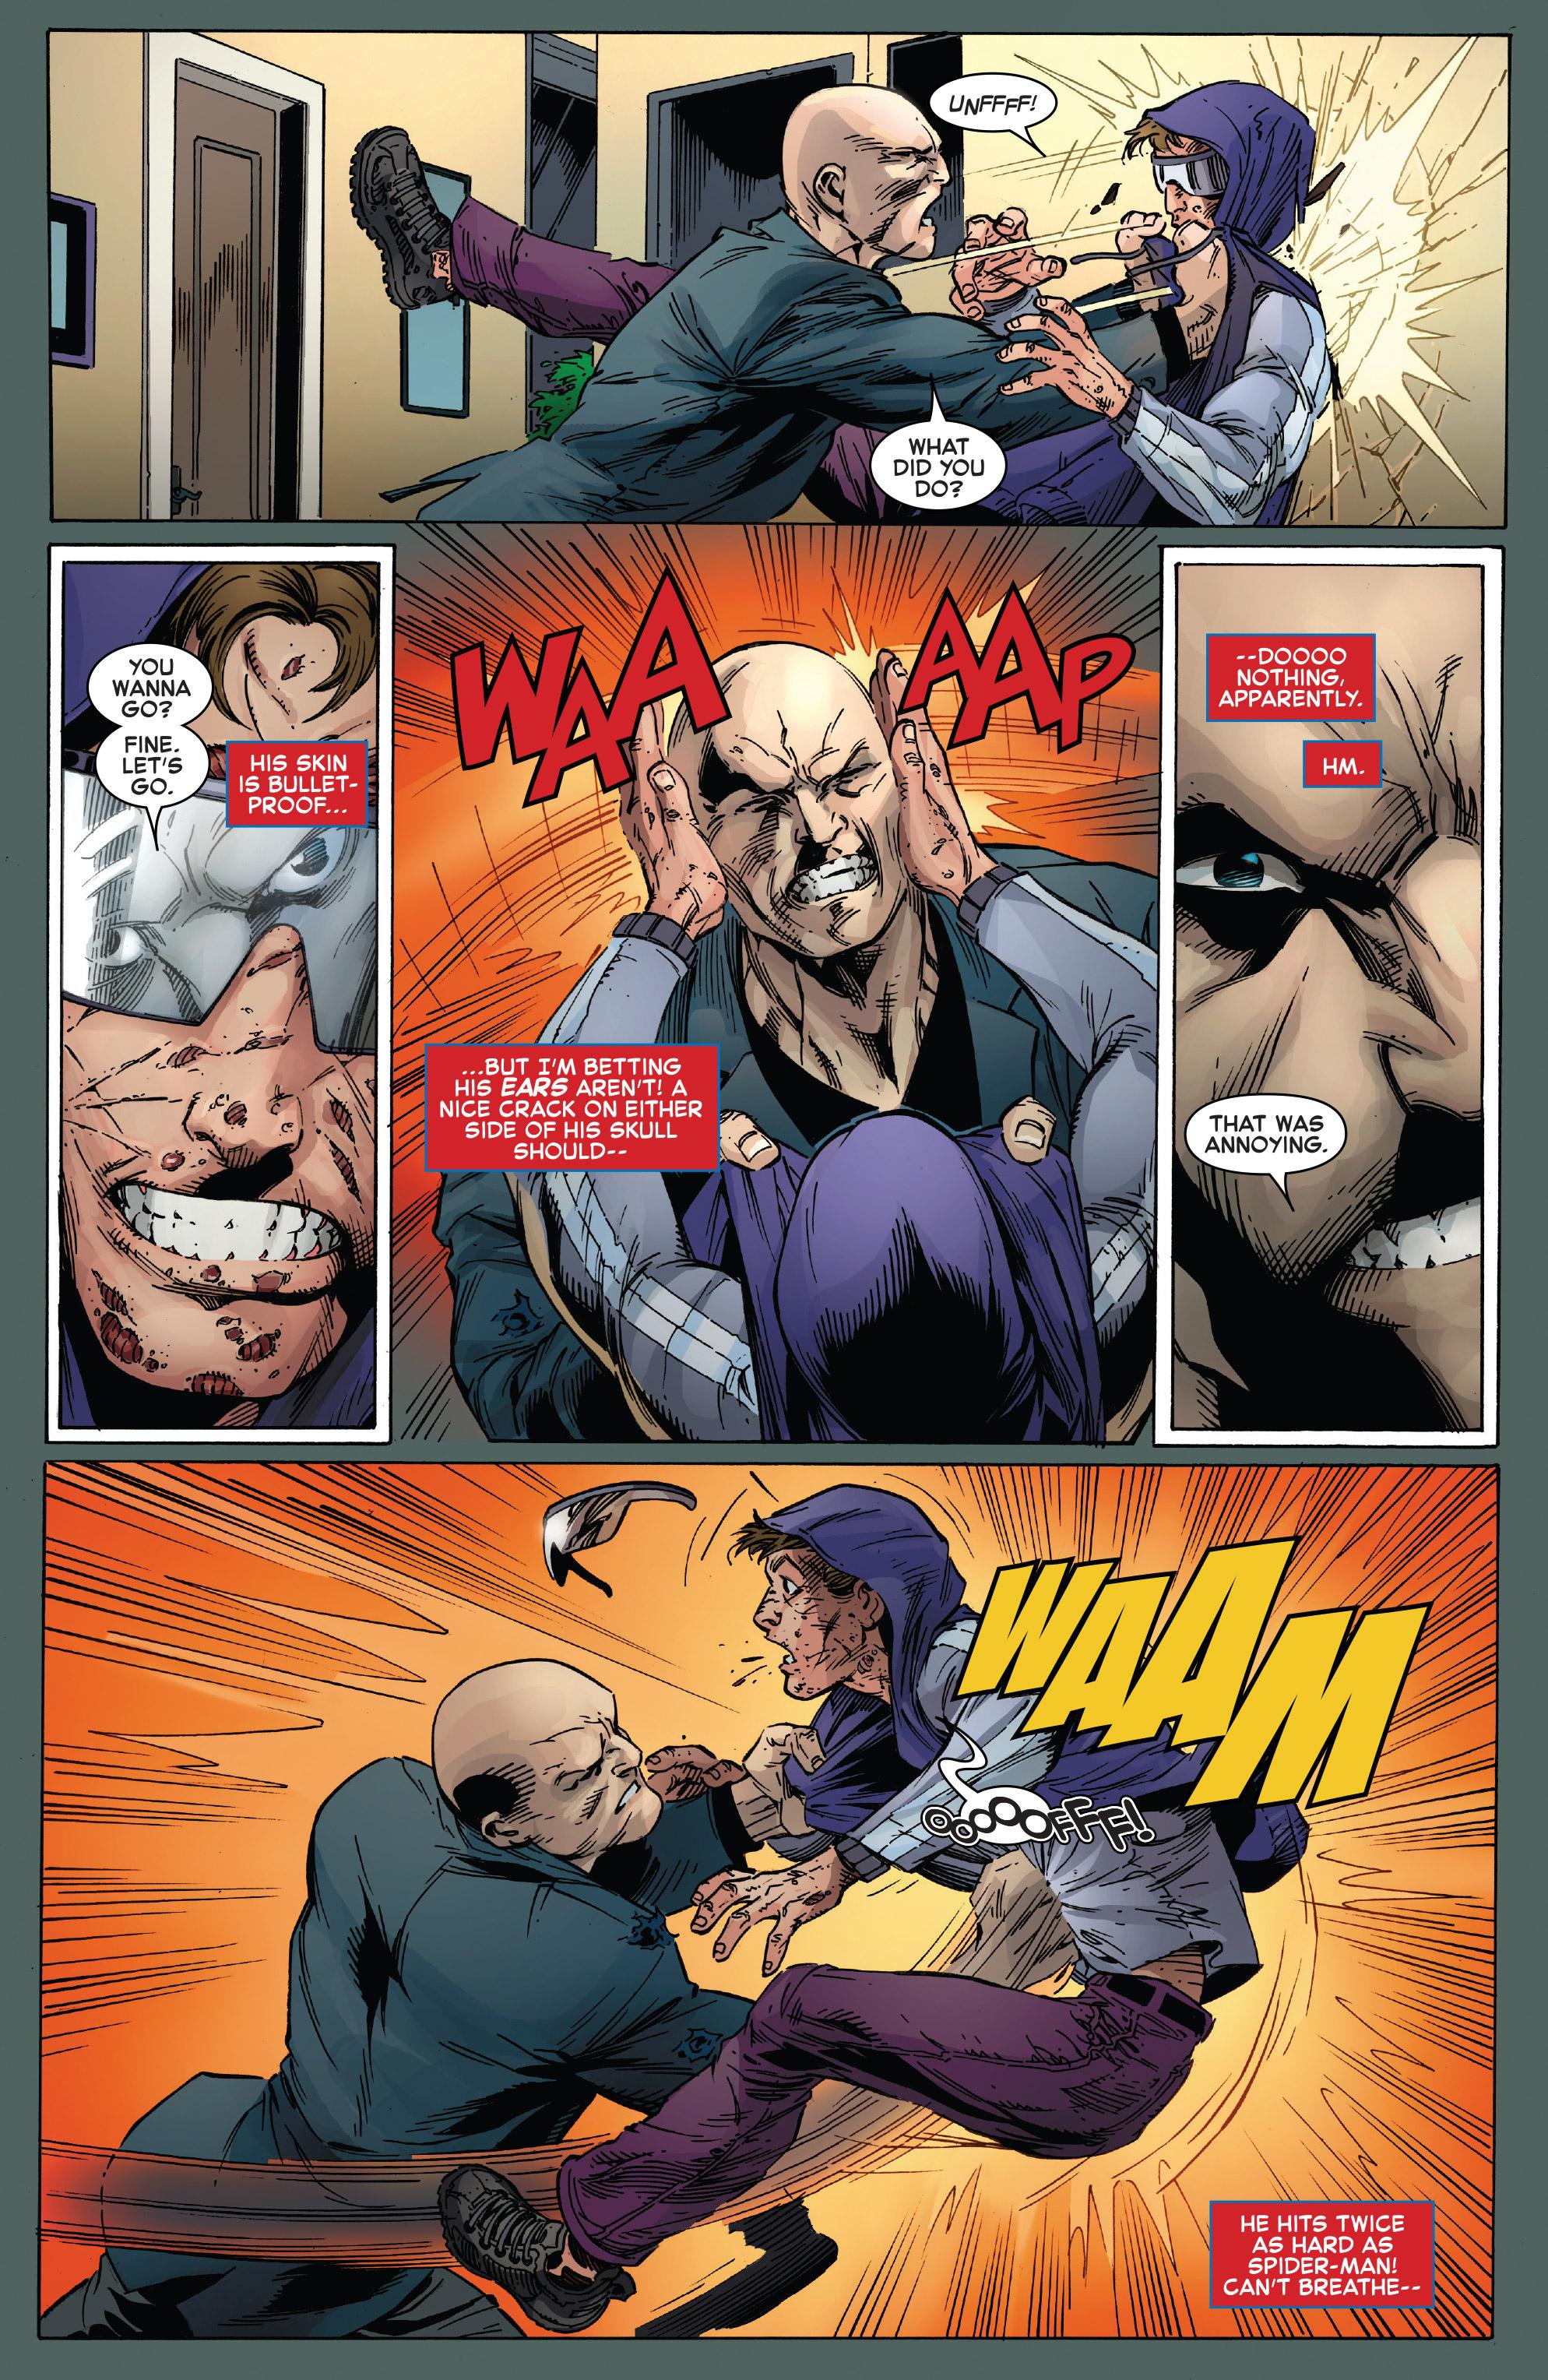 Read online Ben Reilly: Scarlet Spider comic -  Issue #2 - 14